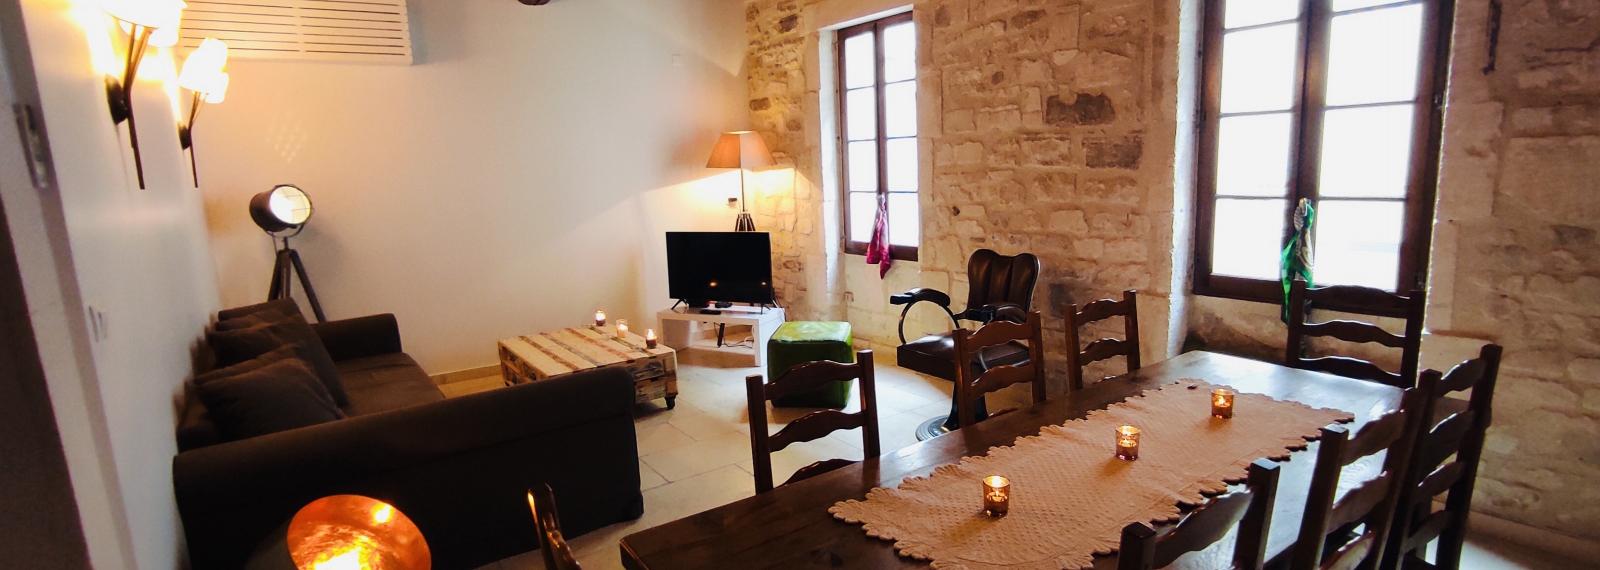 Lousteraph, location saisonnière à Saint-Rémy-de-Provence